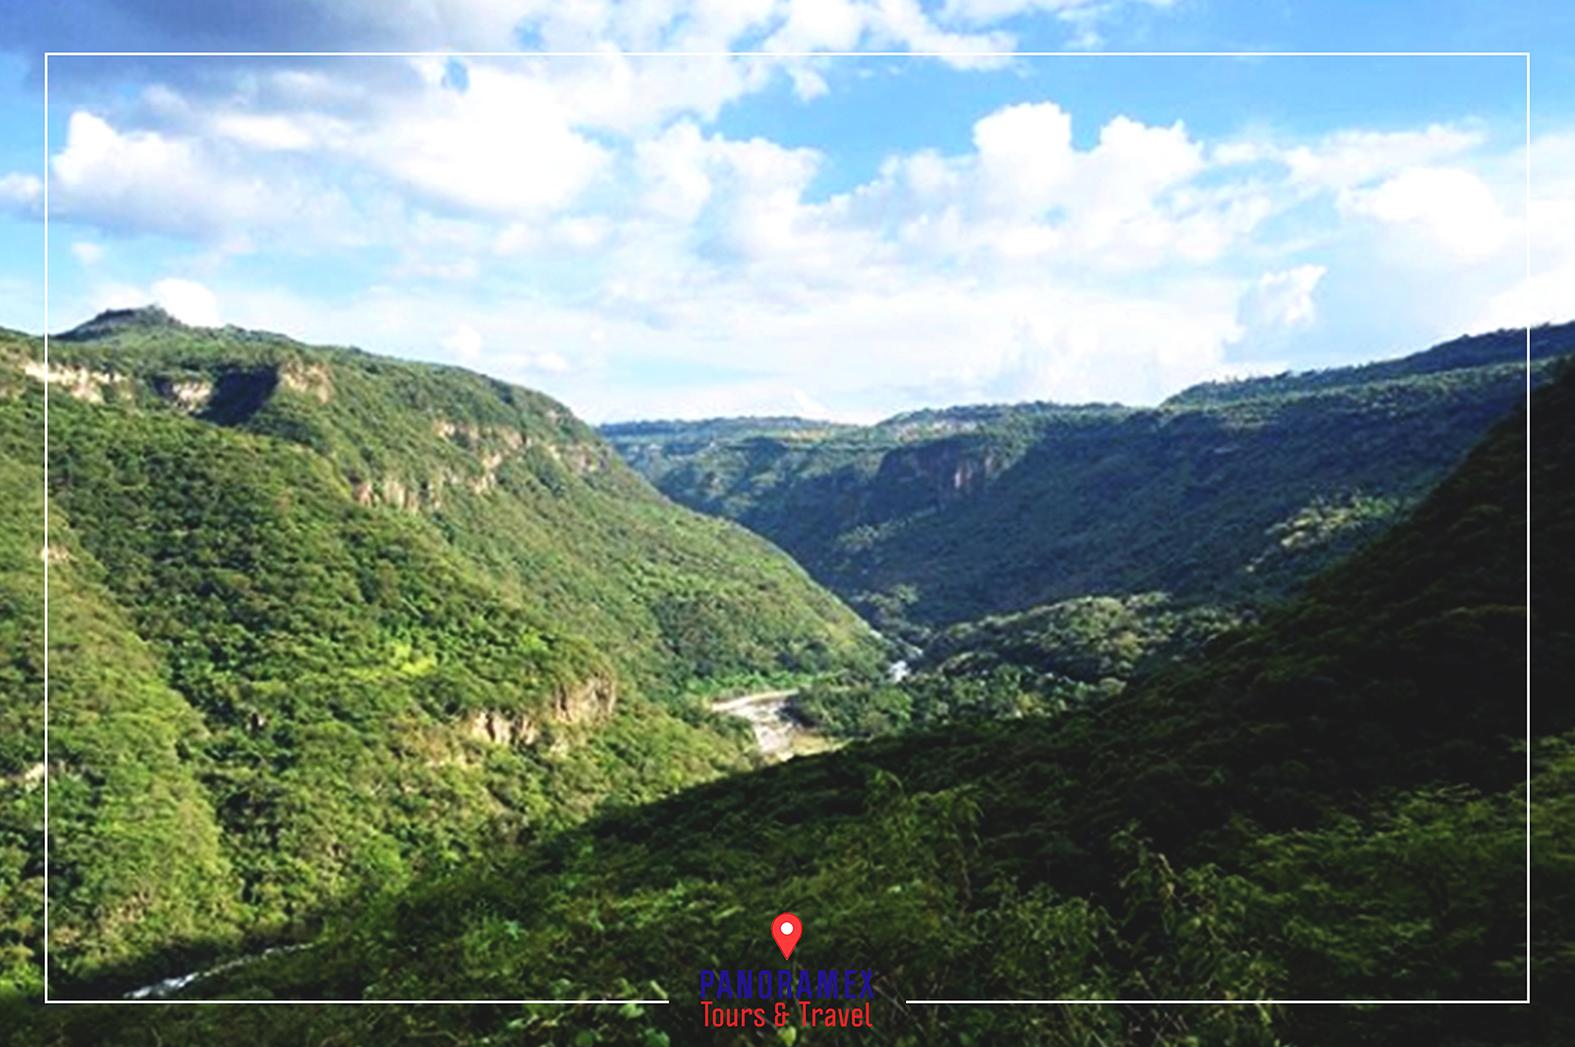 Barranca de Huentitan Guadalajara Jalisco